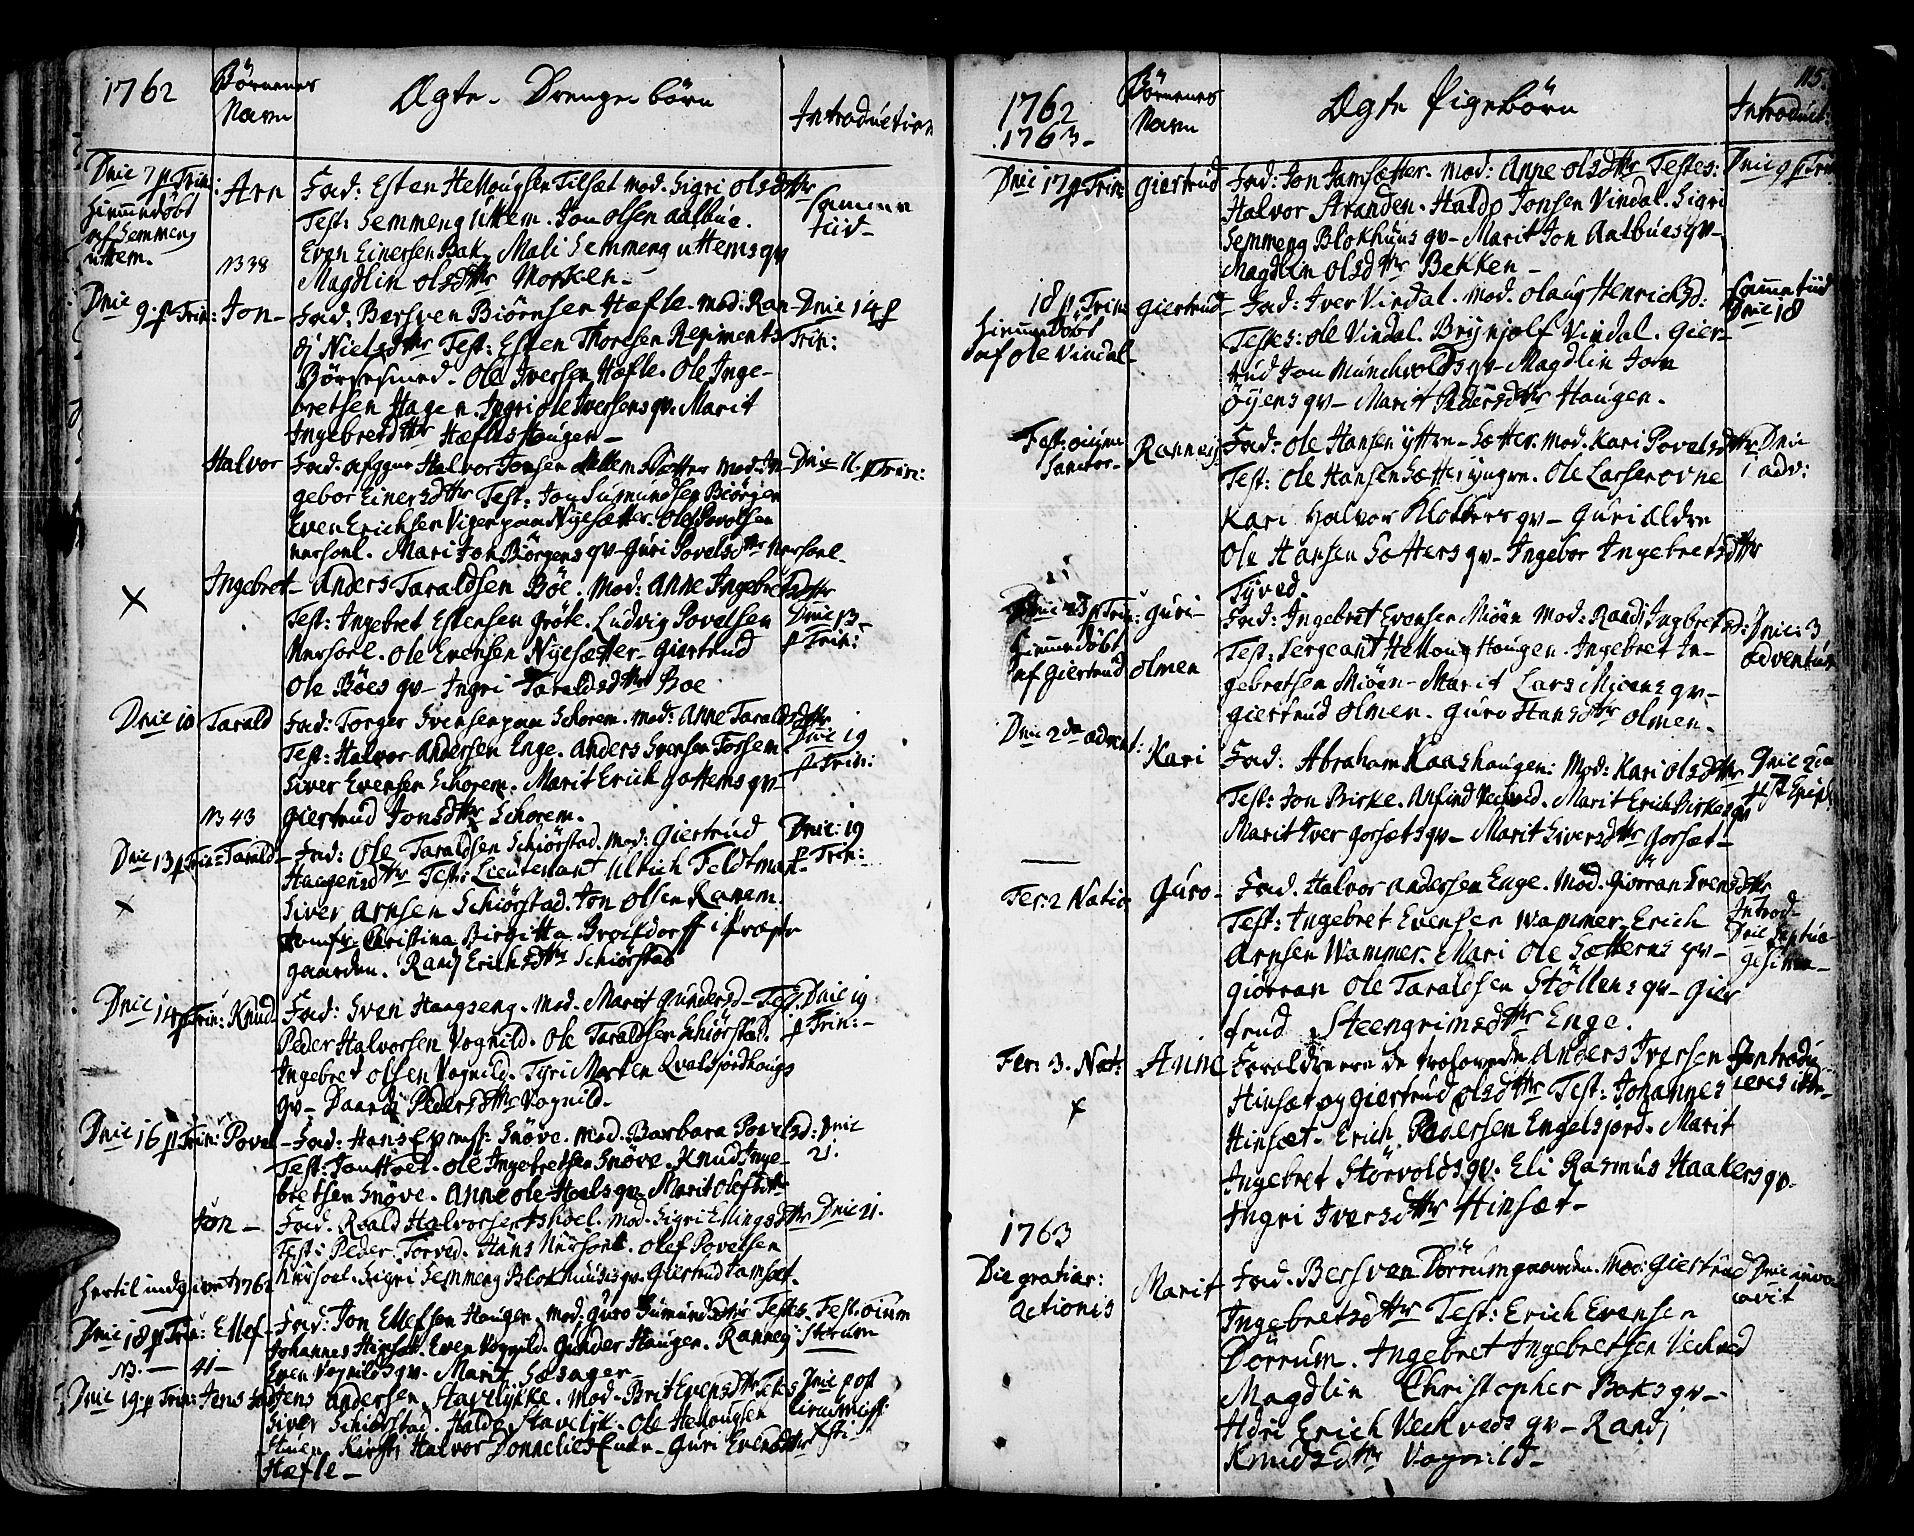 SAT, Ministerialprotokoller, klokkerbøker og fødselsregistre - Sør-Trøndelag, 678/L0891: Ministerialbok nr. 678A01, 1739-1780, s. 115